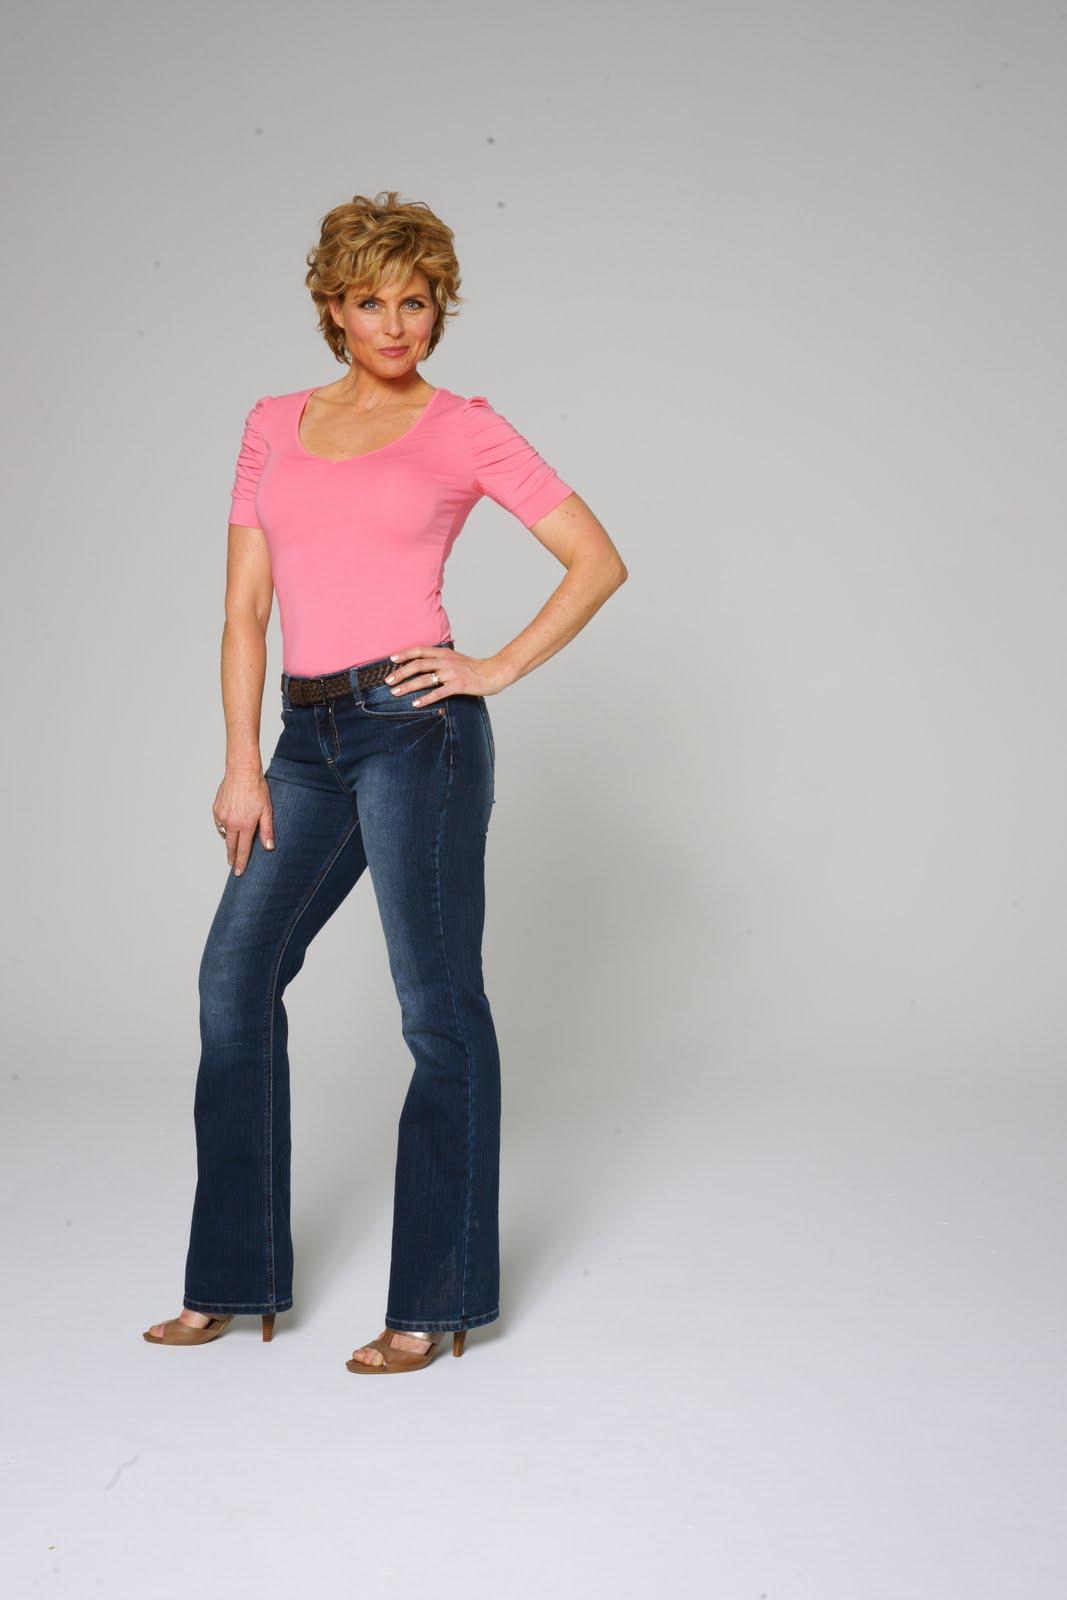 Jeans Model Girl